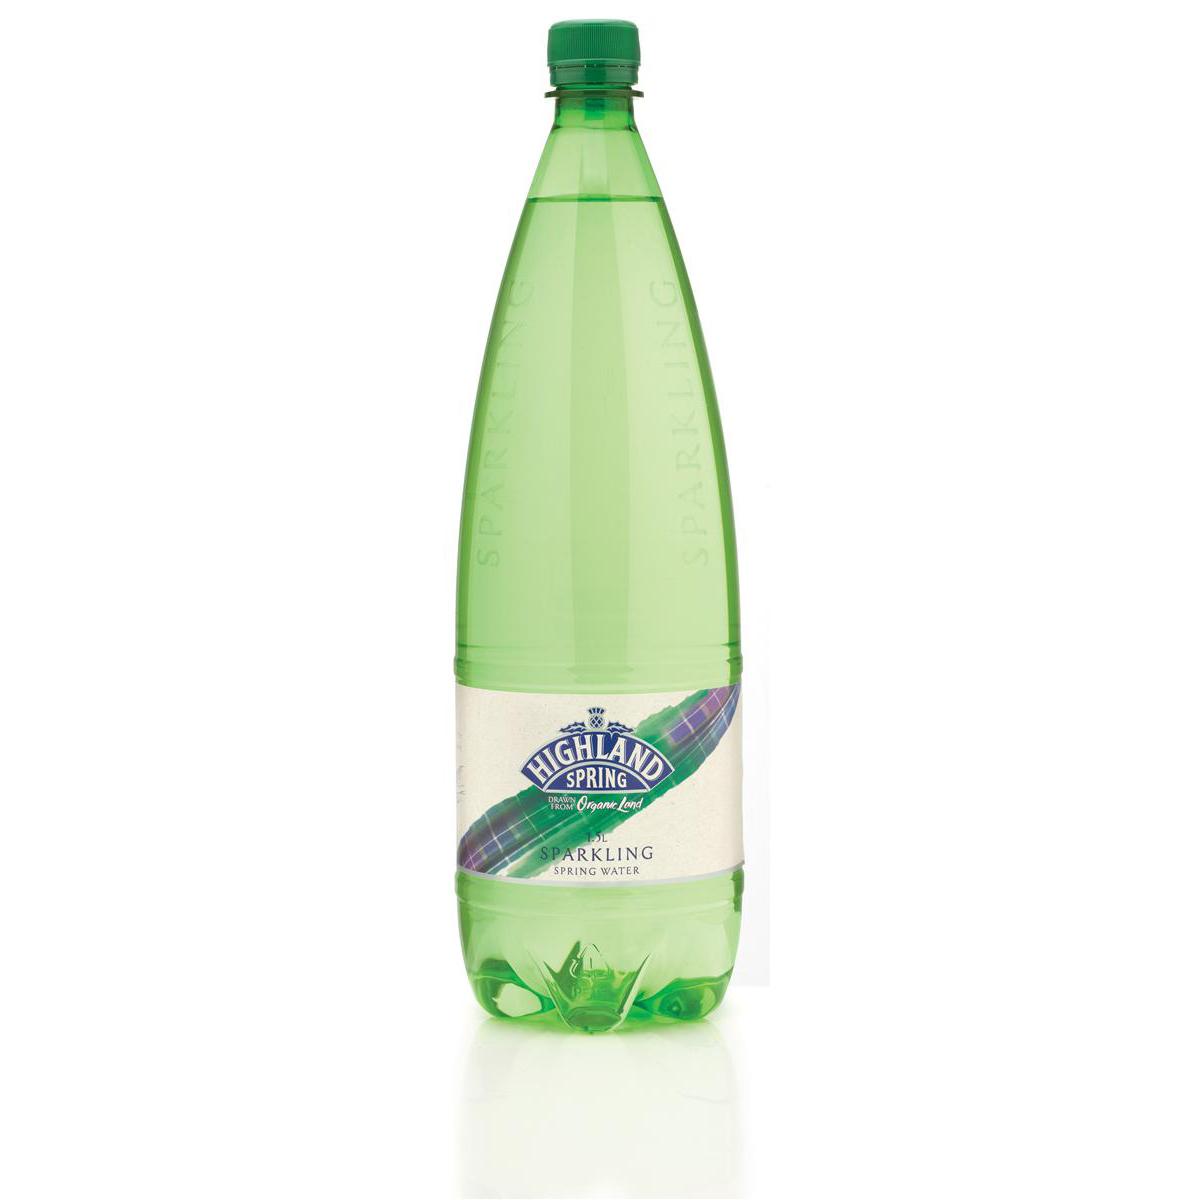 Highland Spring Water Sparkling Bottle Plastic 1.5 Litre Ref SGL21117/88 Pack 8